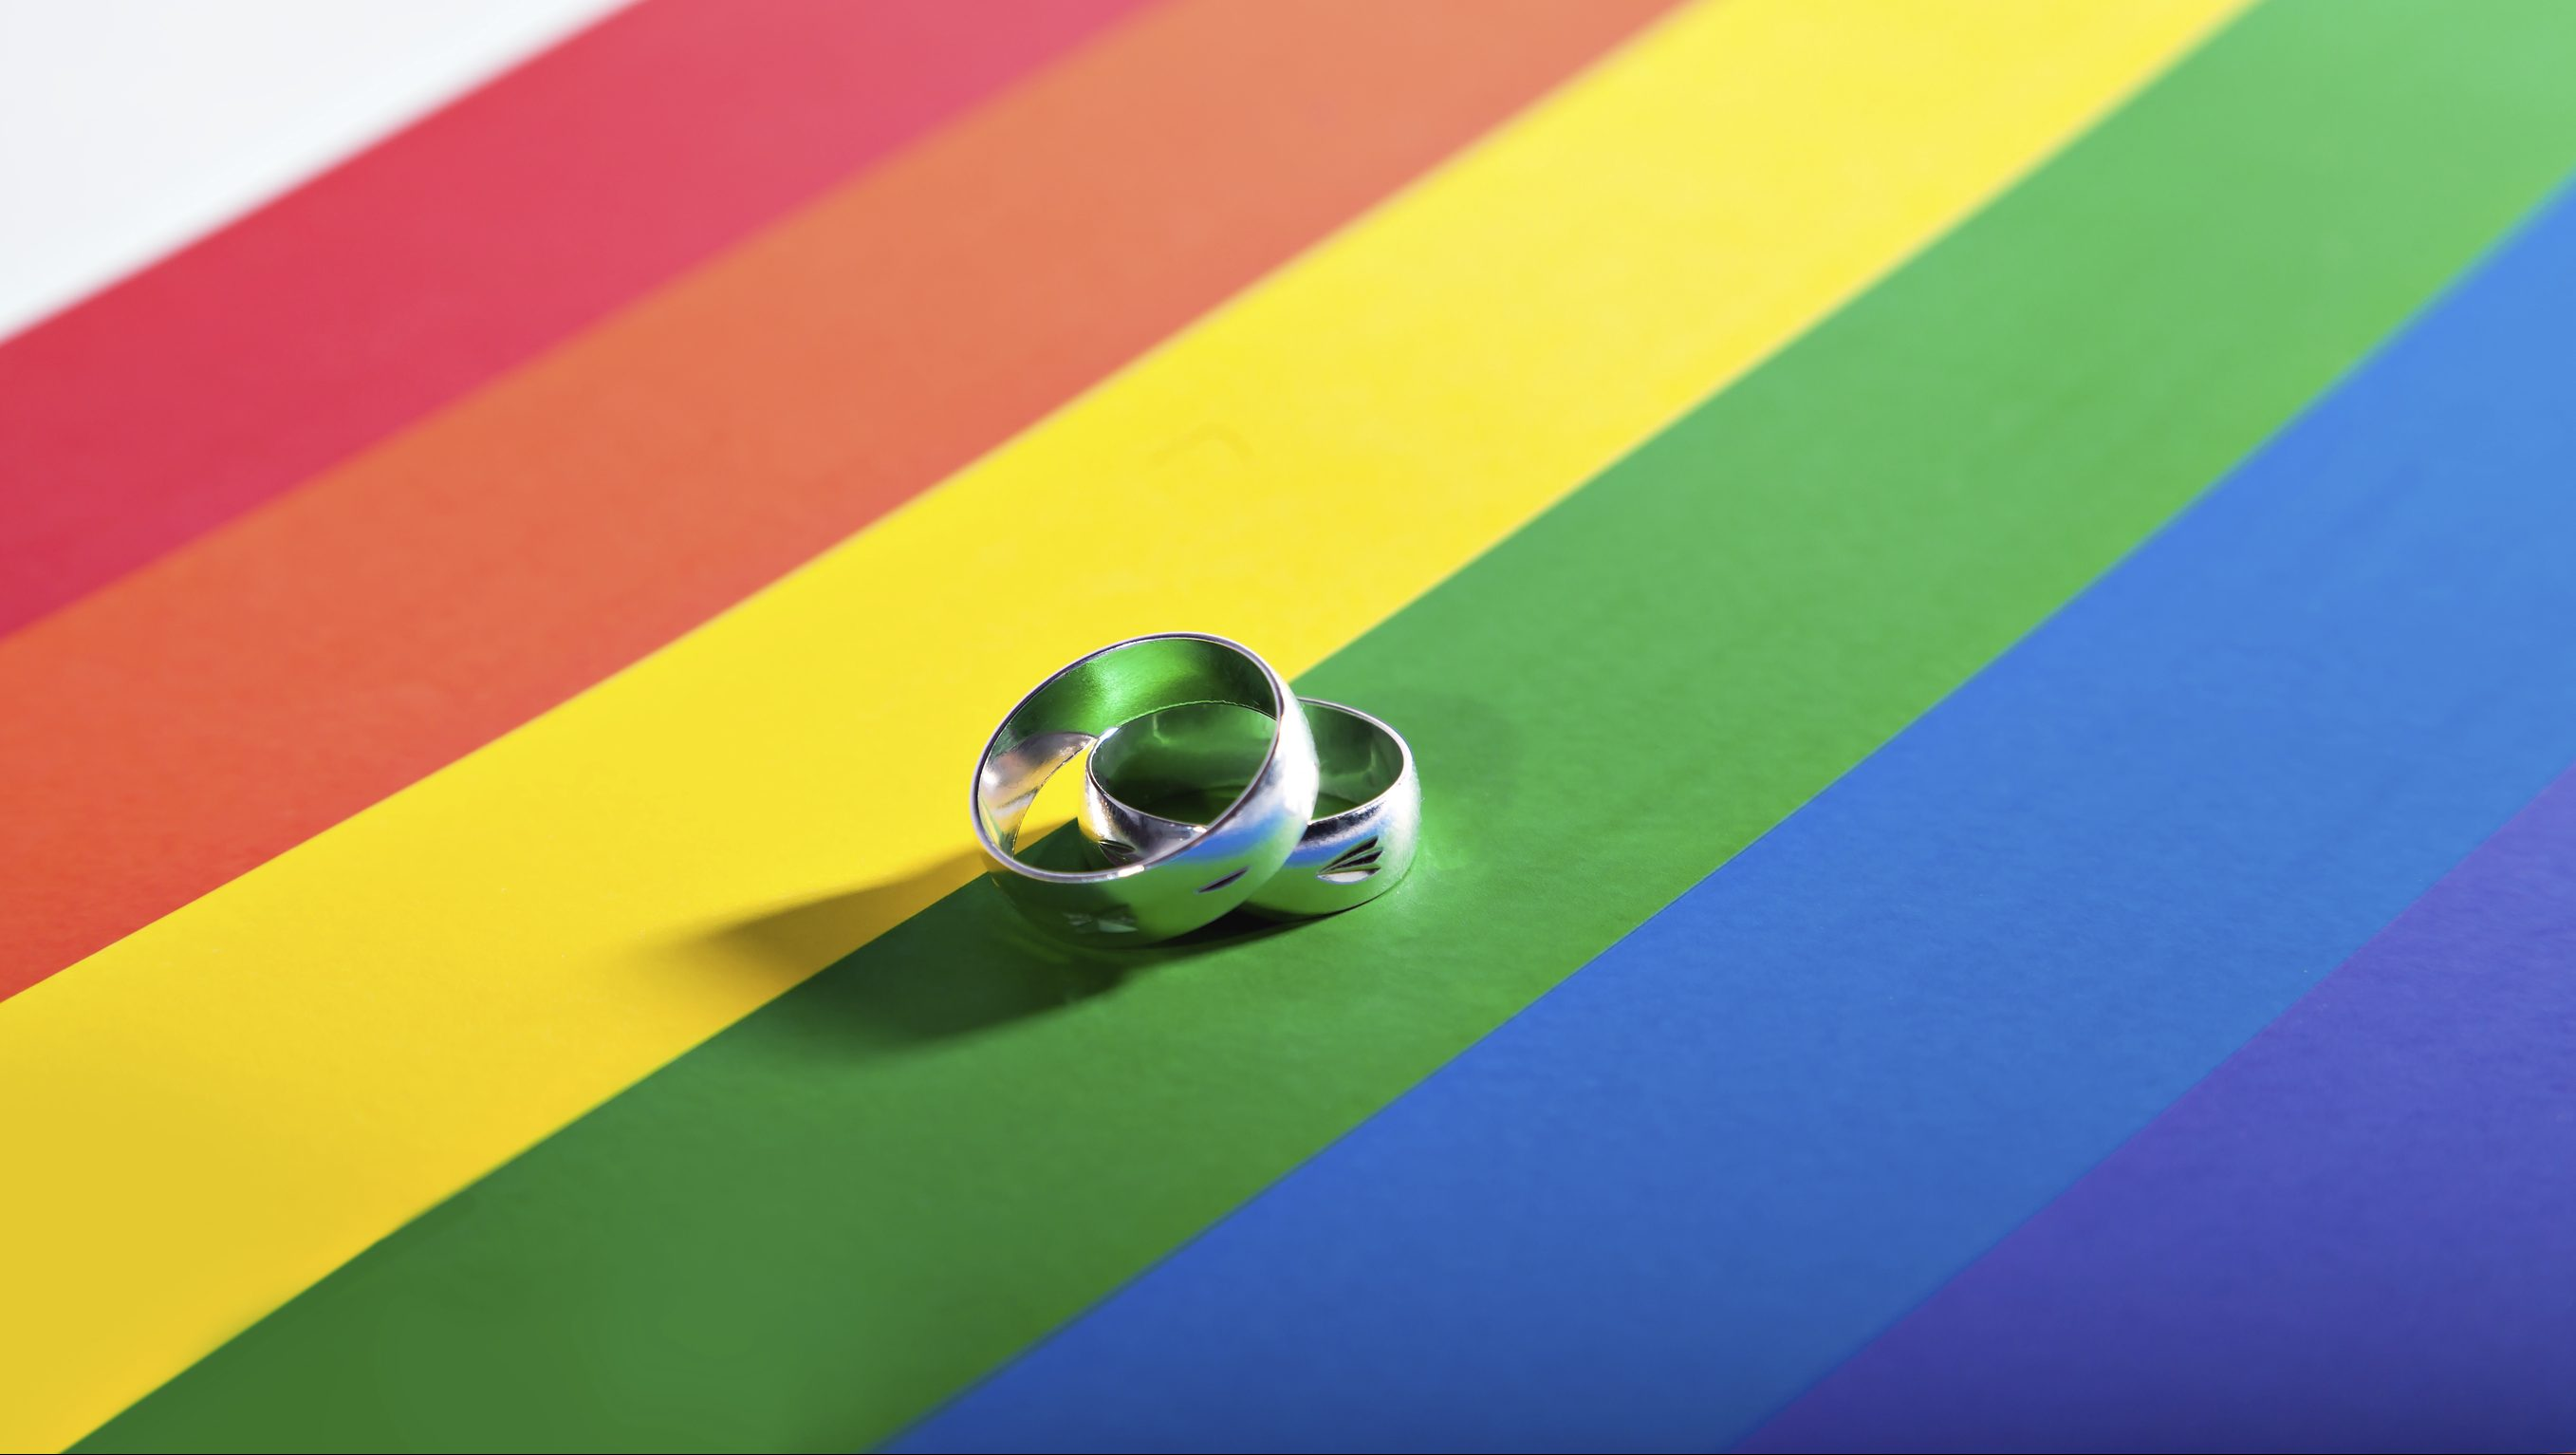 Karar Verildi! Eşcinsel Çiftler Tüm AB Ülkelerinde Oturma İznine Sahip Olacak!